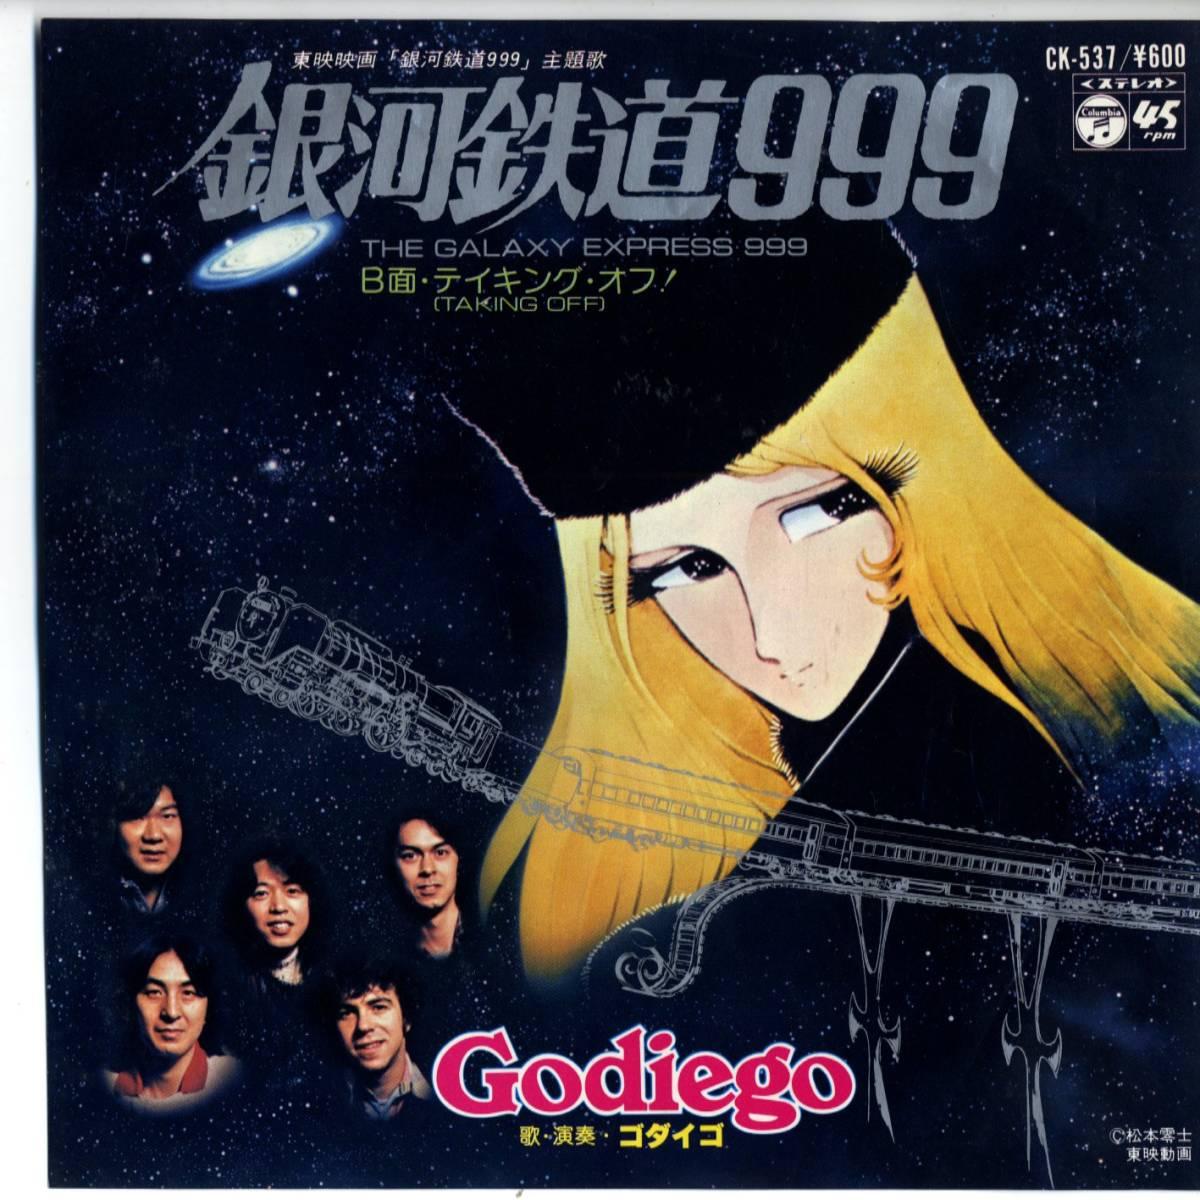 ゴダイゴ 「銀河鉄道999/テイキング・オフ!」EPレコード_画像1